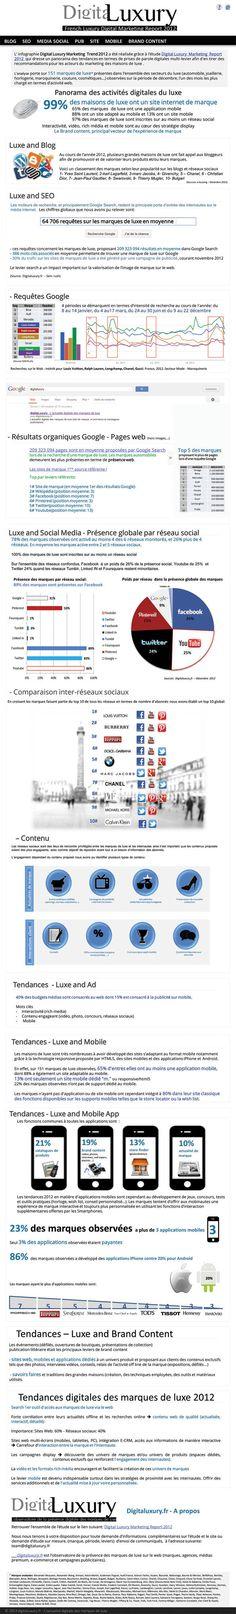 Luxe : retrospéctive digitale - Infographie de Digitaluxury étudiant l'activité digitale de 151 marques de luxe. On y apprend que 100% d'entre elles sont inscrites sur au moins un réseau social. Facebook a un poids de 26% de la présence social, Youtube de 25% et Twitter 24%, quand les réseaux Tumblr, LinkedIN et Foursquare restent minoritaires.